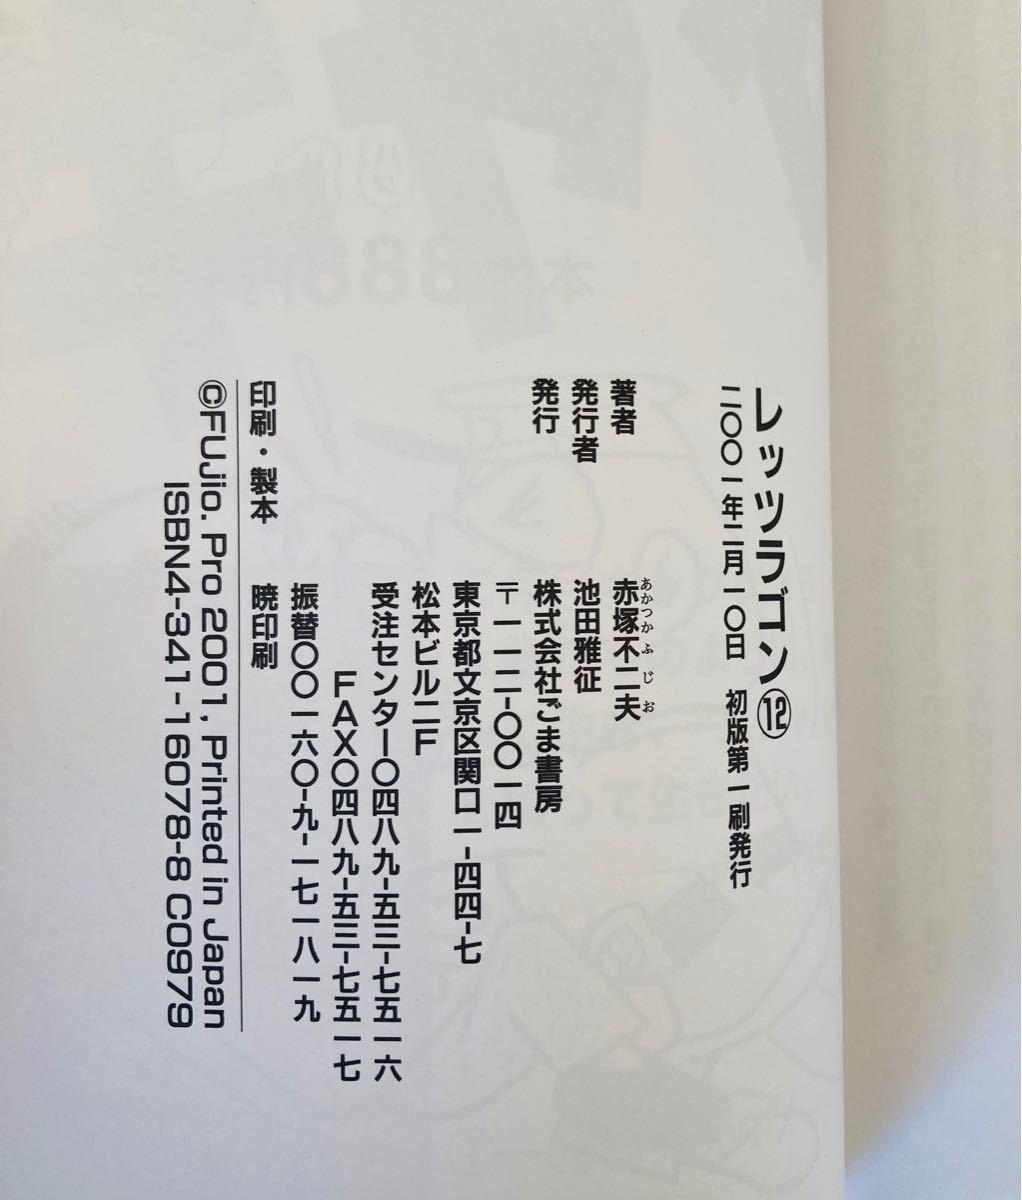 レッツラゴン全巻、ギャグゲリラ全巻 初版、帯付き 24冊セット 赤塚不二夫